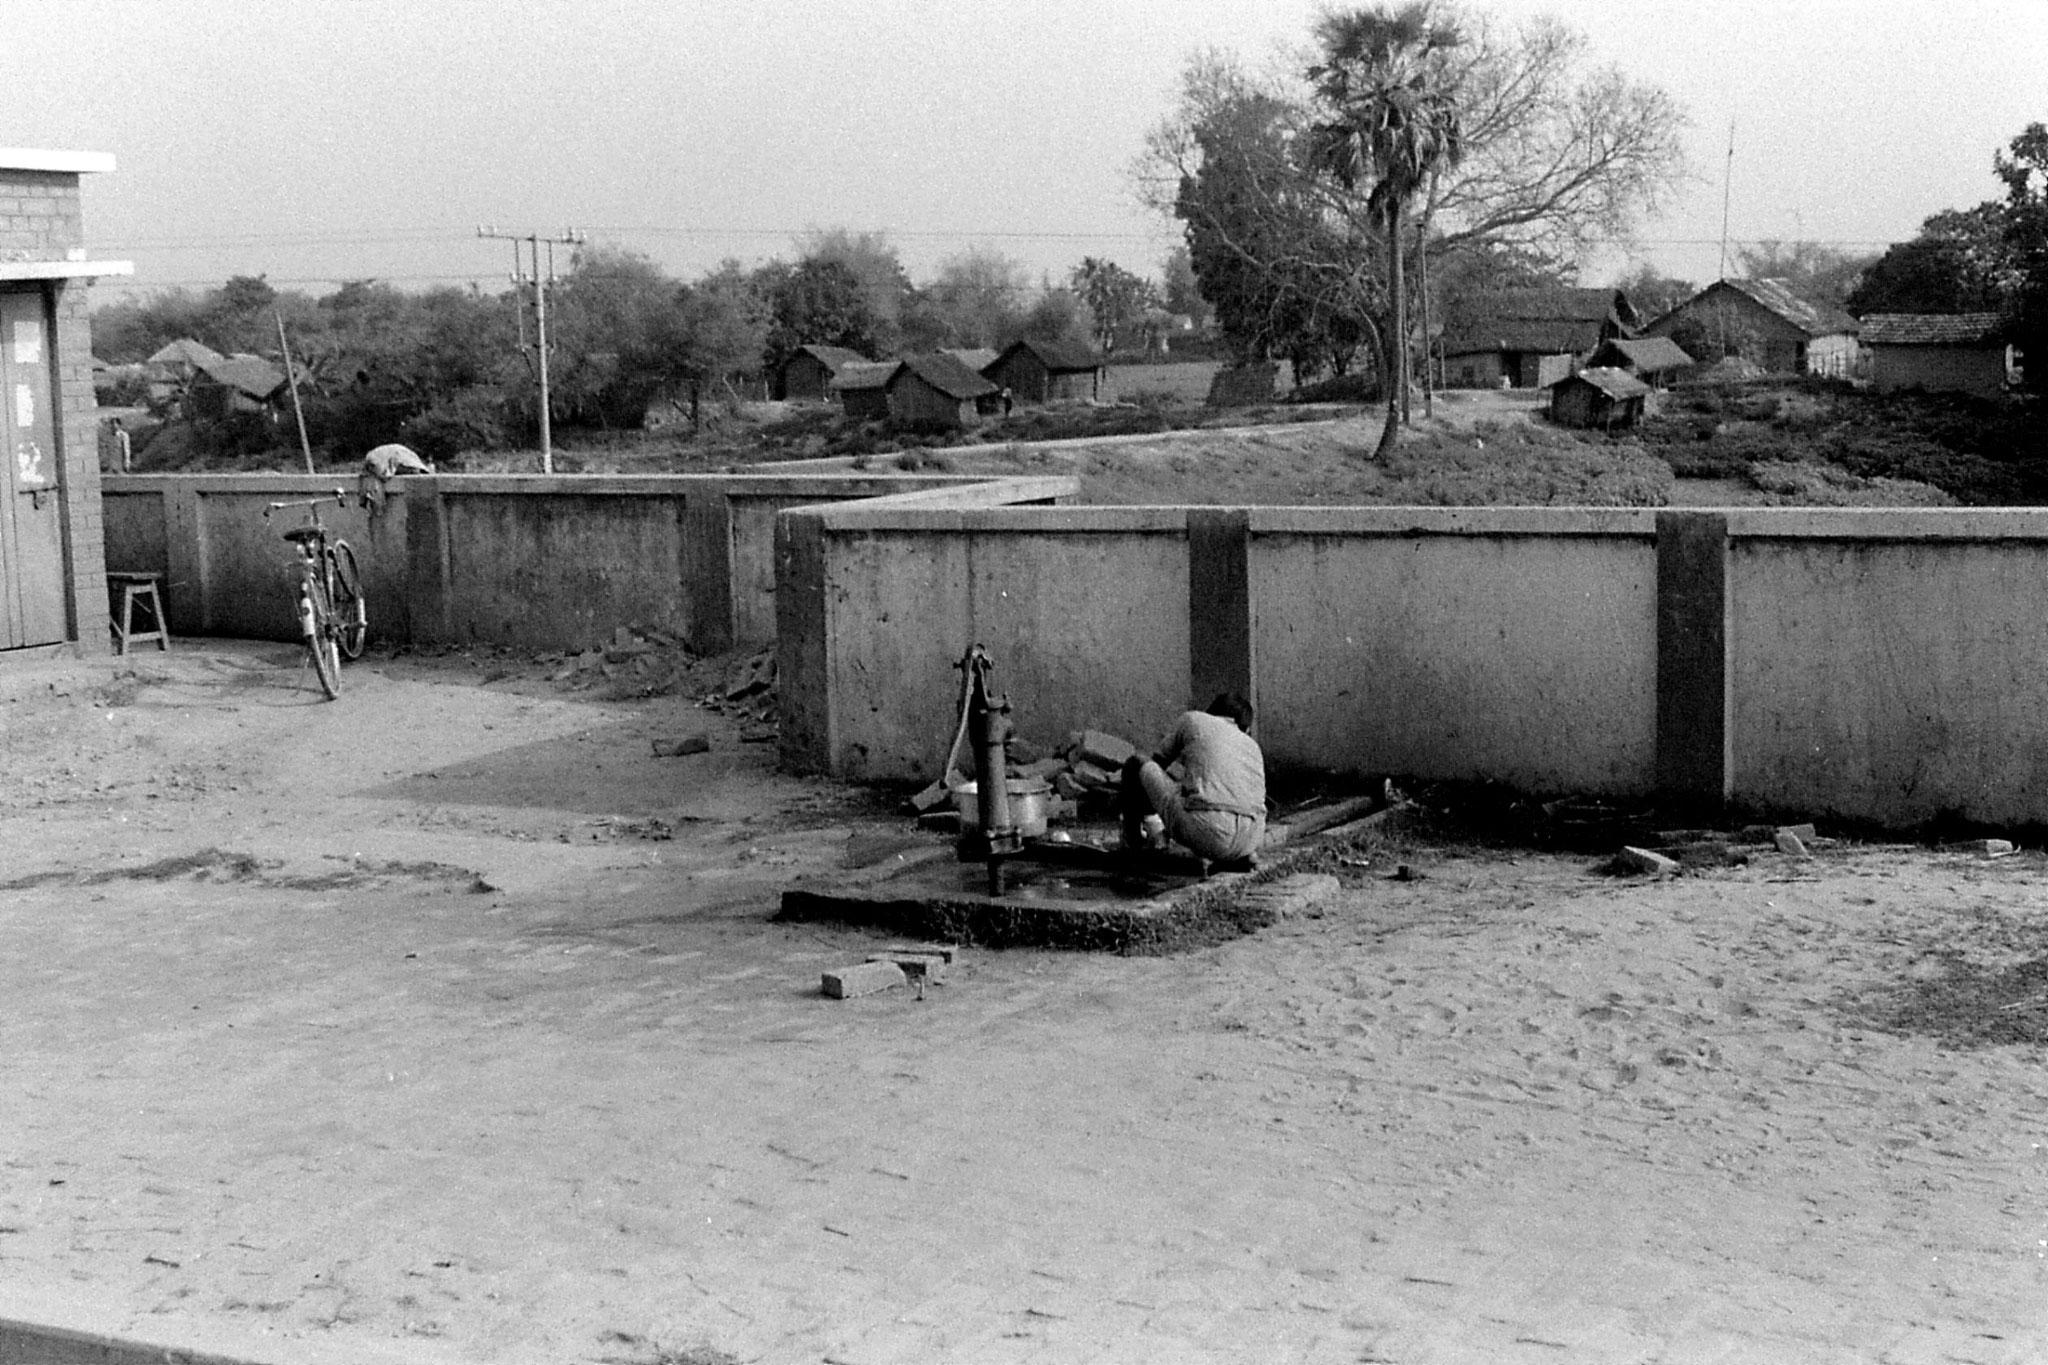 7/4/1990: 15: East Bihar after Katihar